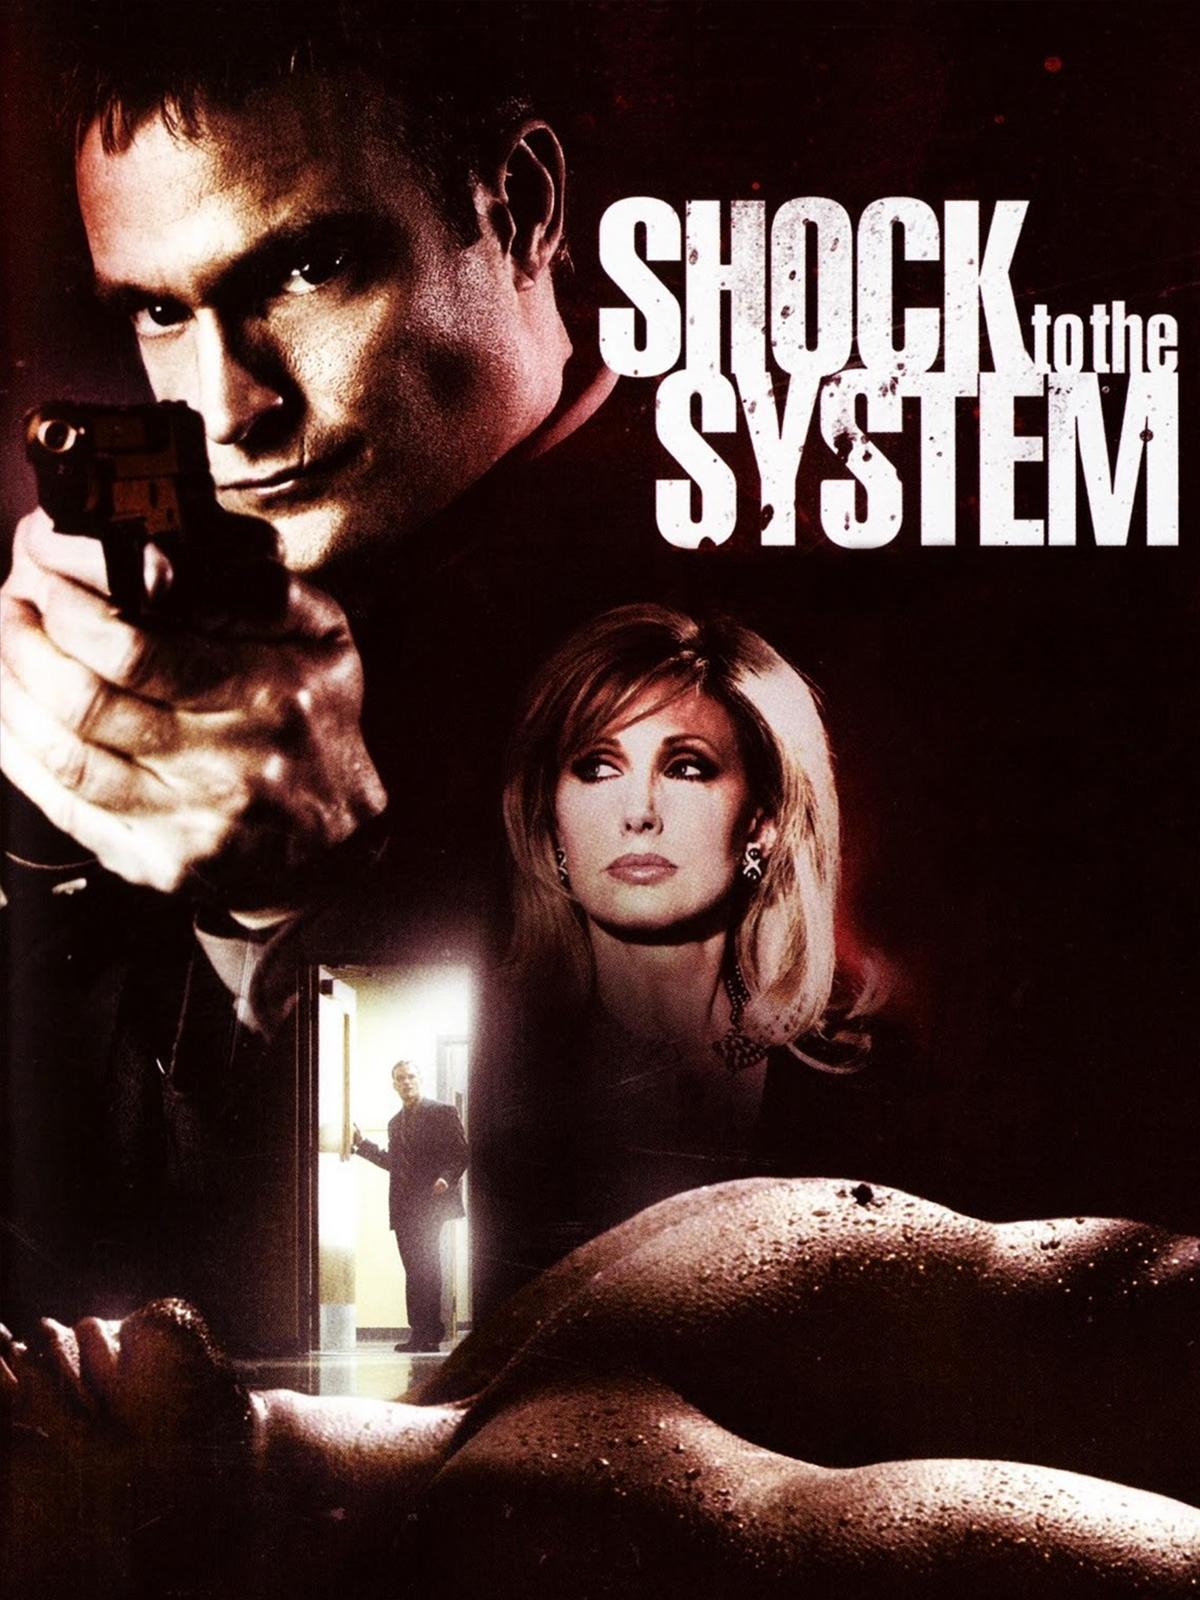 Here-ShockToTheSystem-Full-Image-en-US.jpg